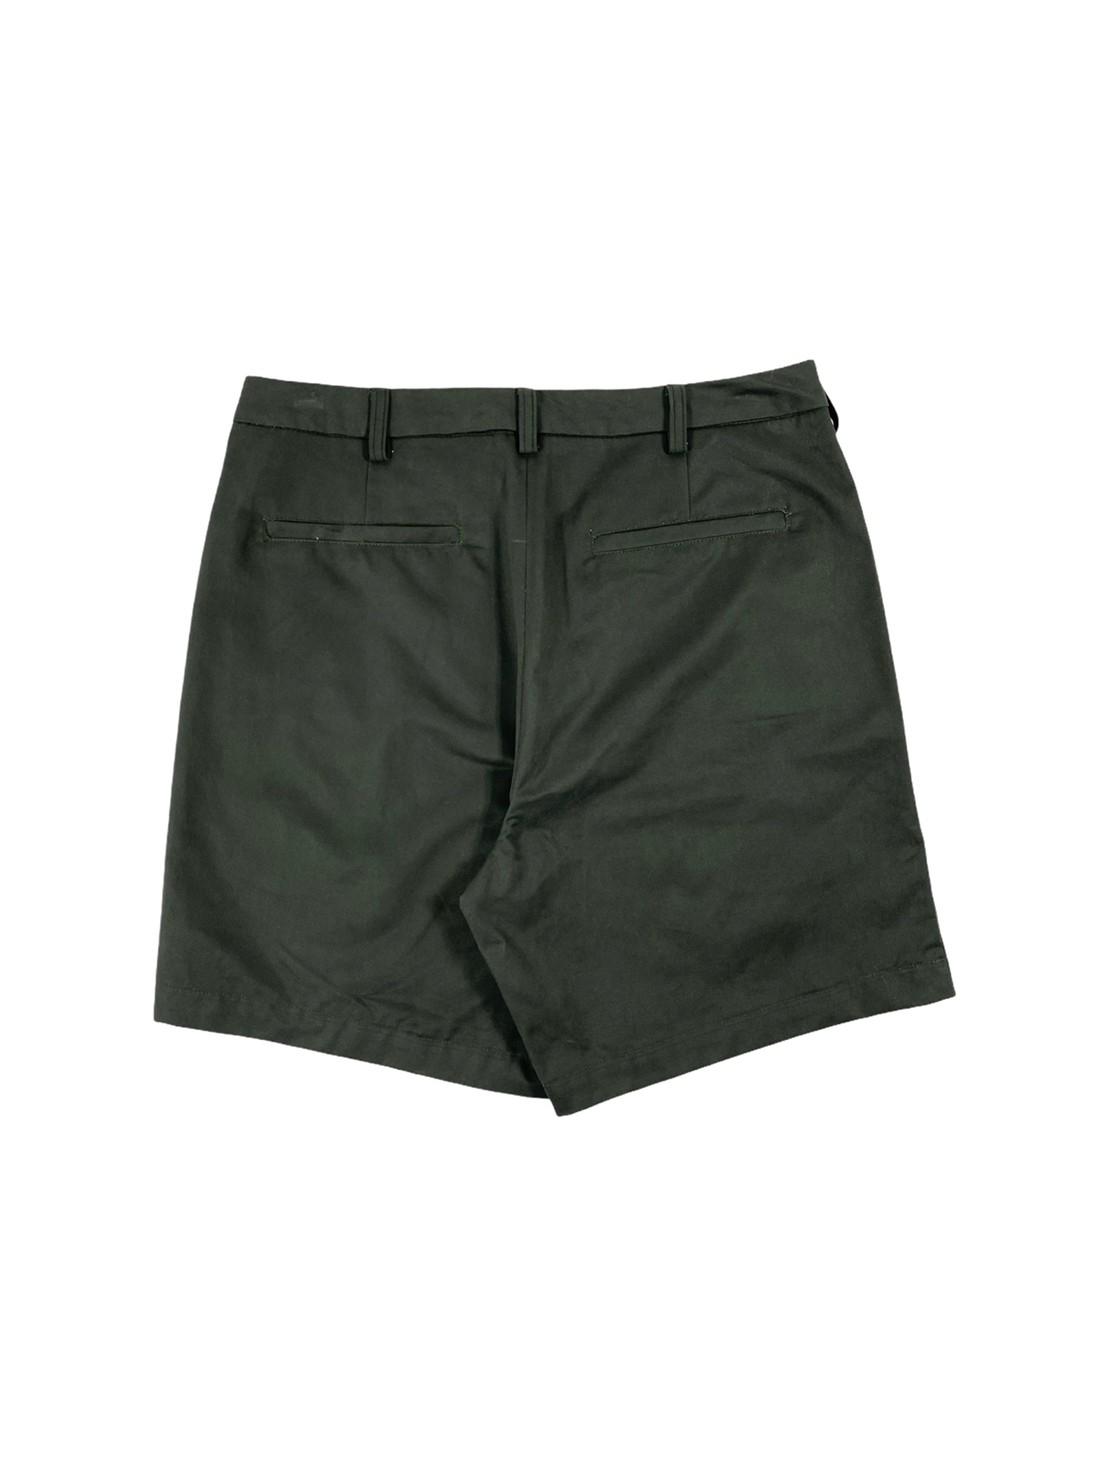 Chino Shorts (Dark Gray)